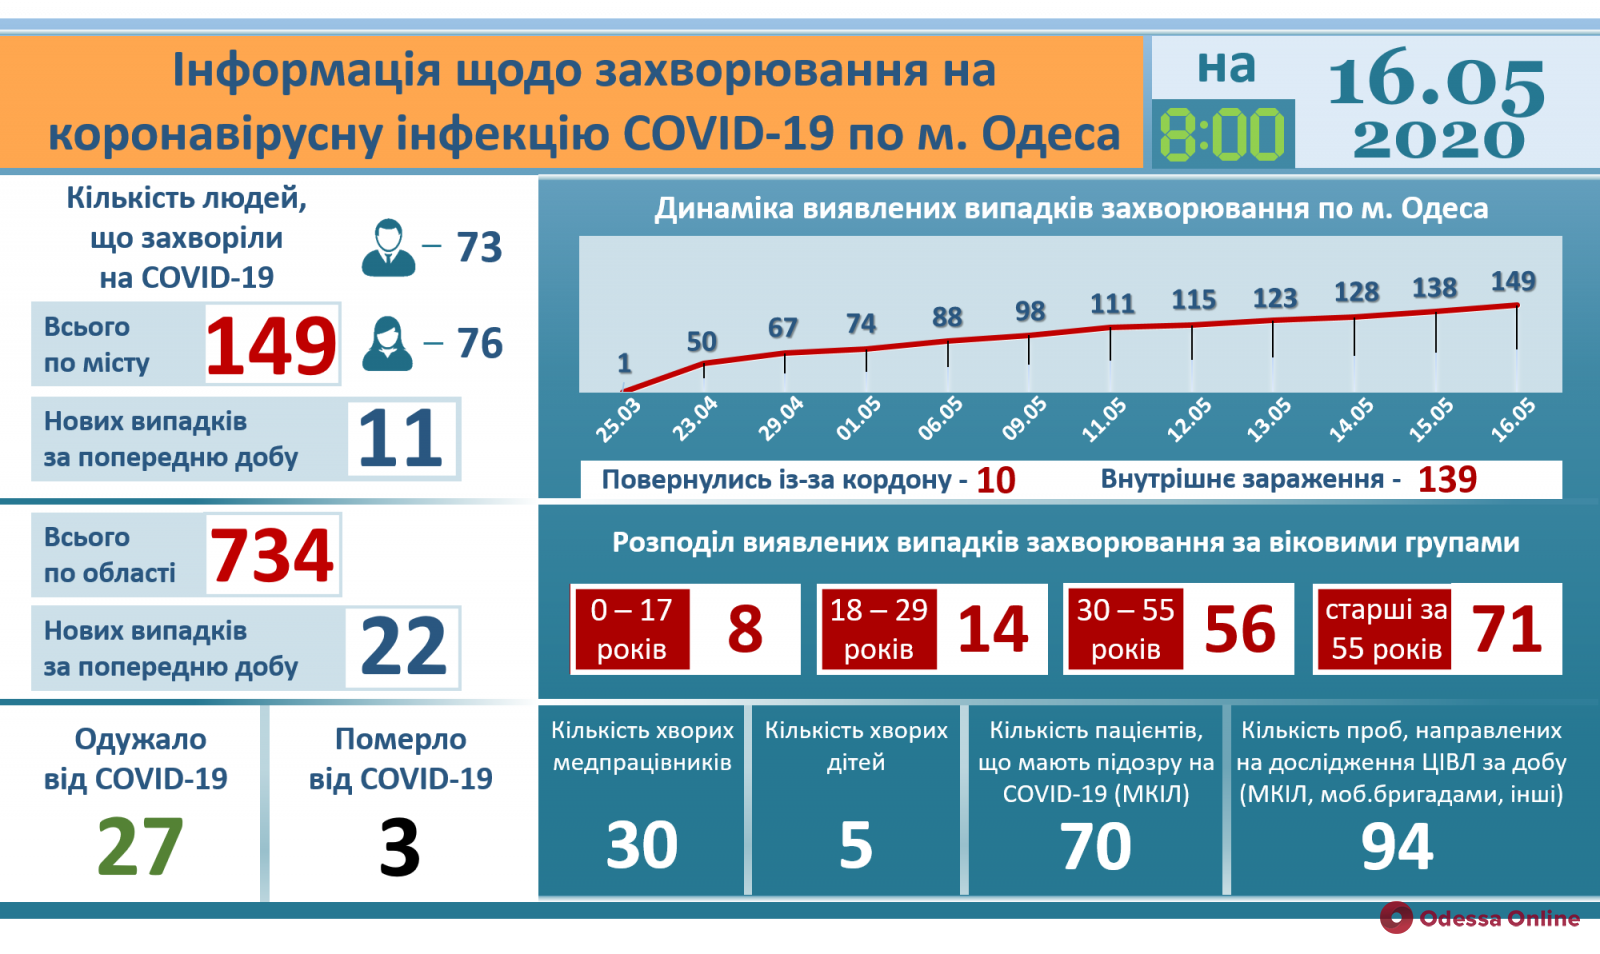 В Одессе зафиксирована третья смерть от коронавируса